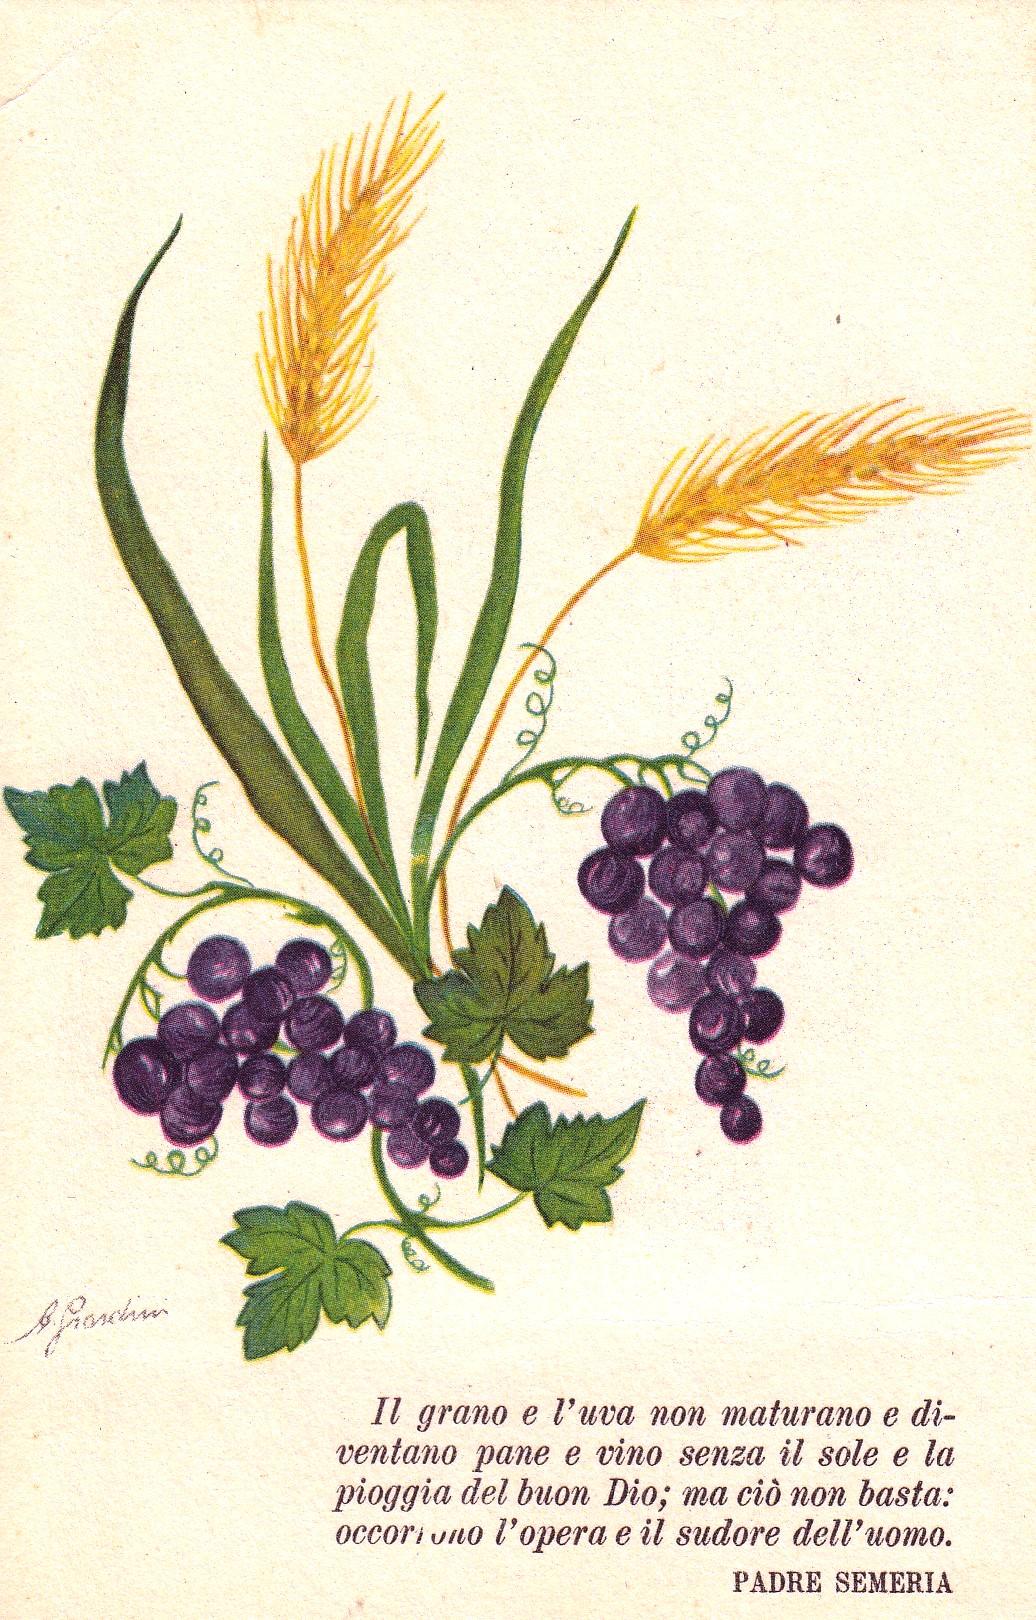 cartolina con il grano e l'uva